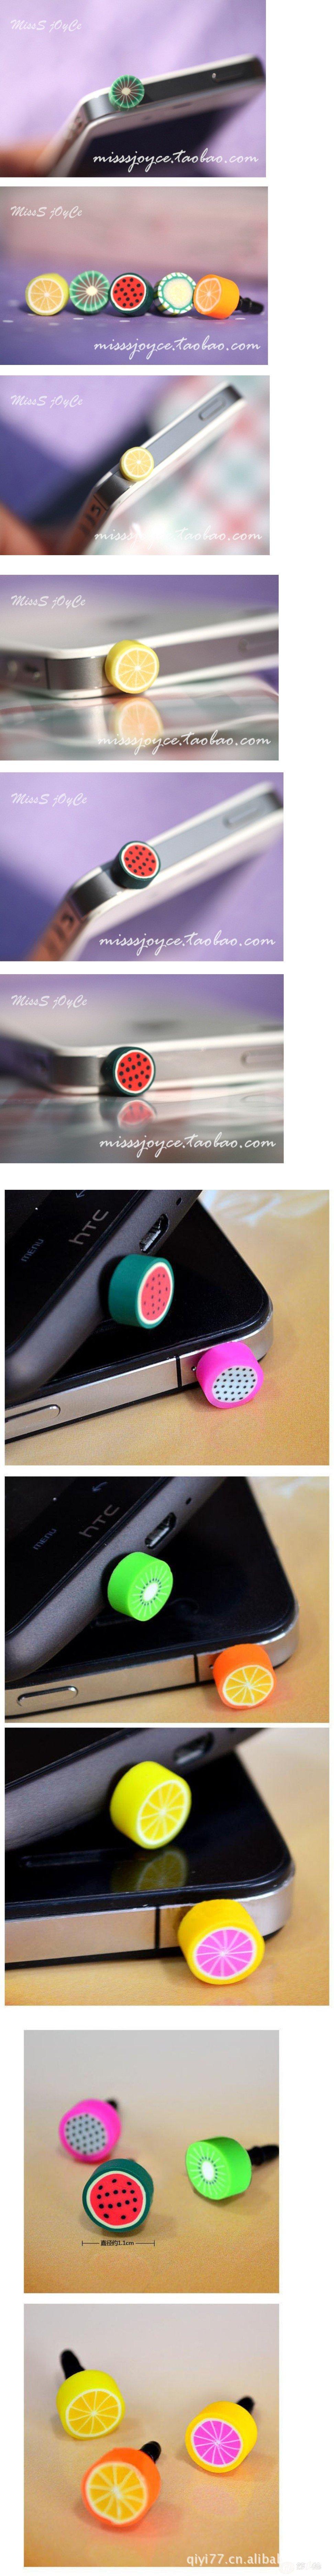 可爱iphone4 4s ipad2 htc 水果防尘塞 苹果手机耳机孔塞配件